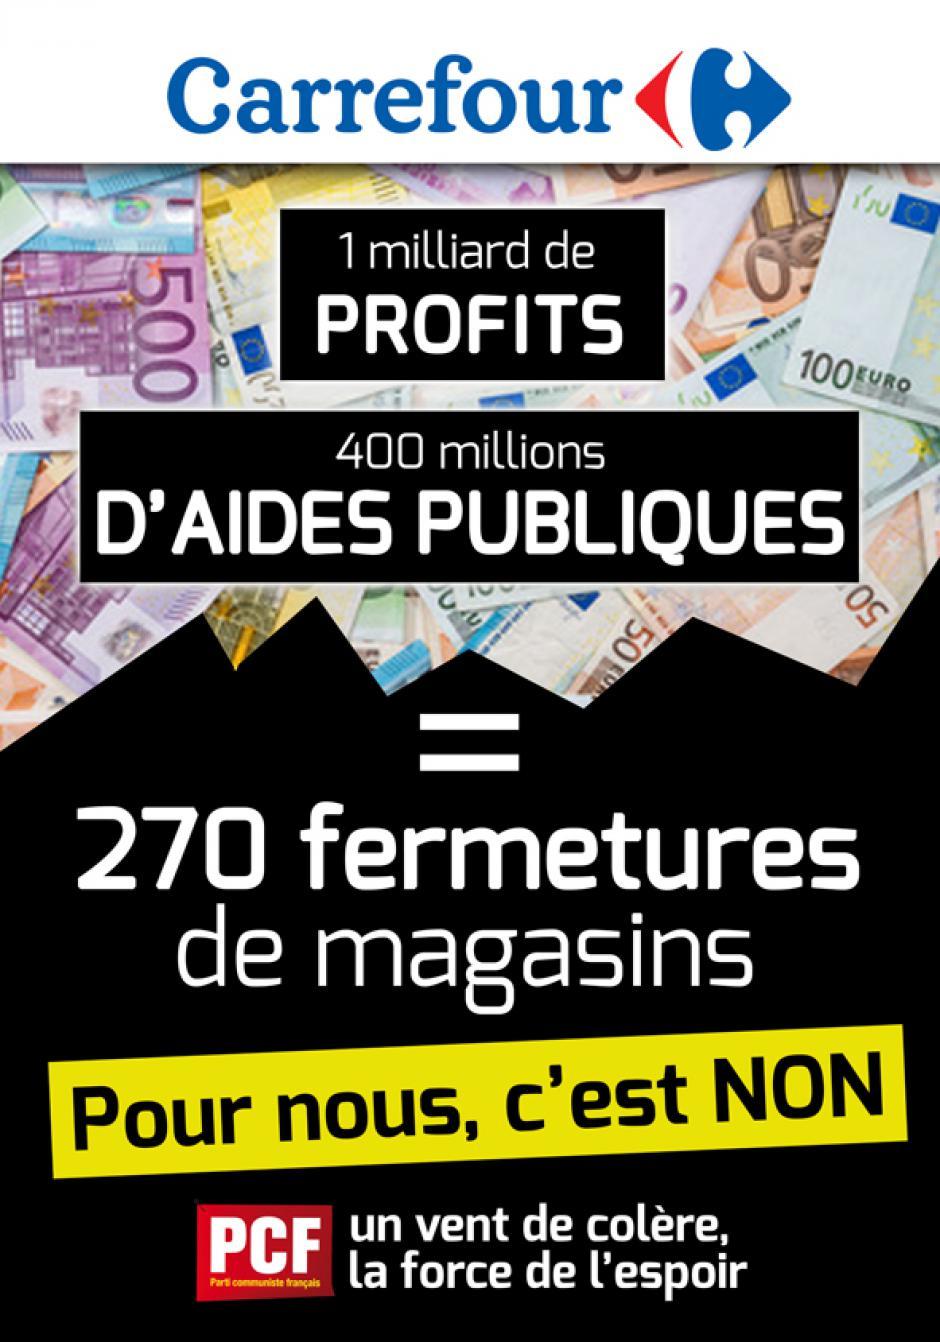 Affiche « Carrefour : 1 milliard de profits, 400 millions d'aides publiques = 270 fermetures de magasins. Pour nous, c'est non » - Section PCF de Dieppe et son agglo, février 2018